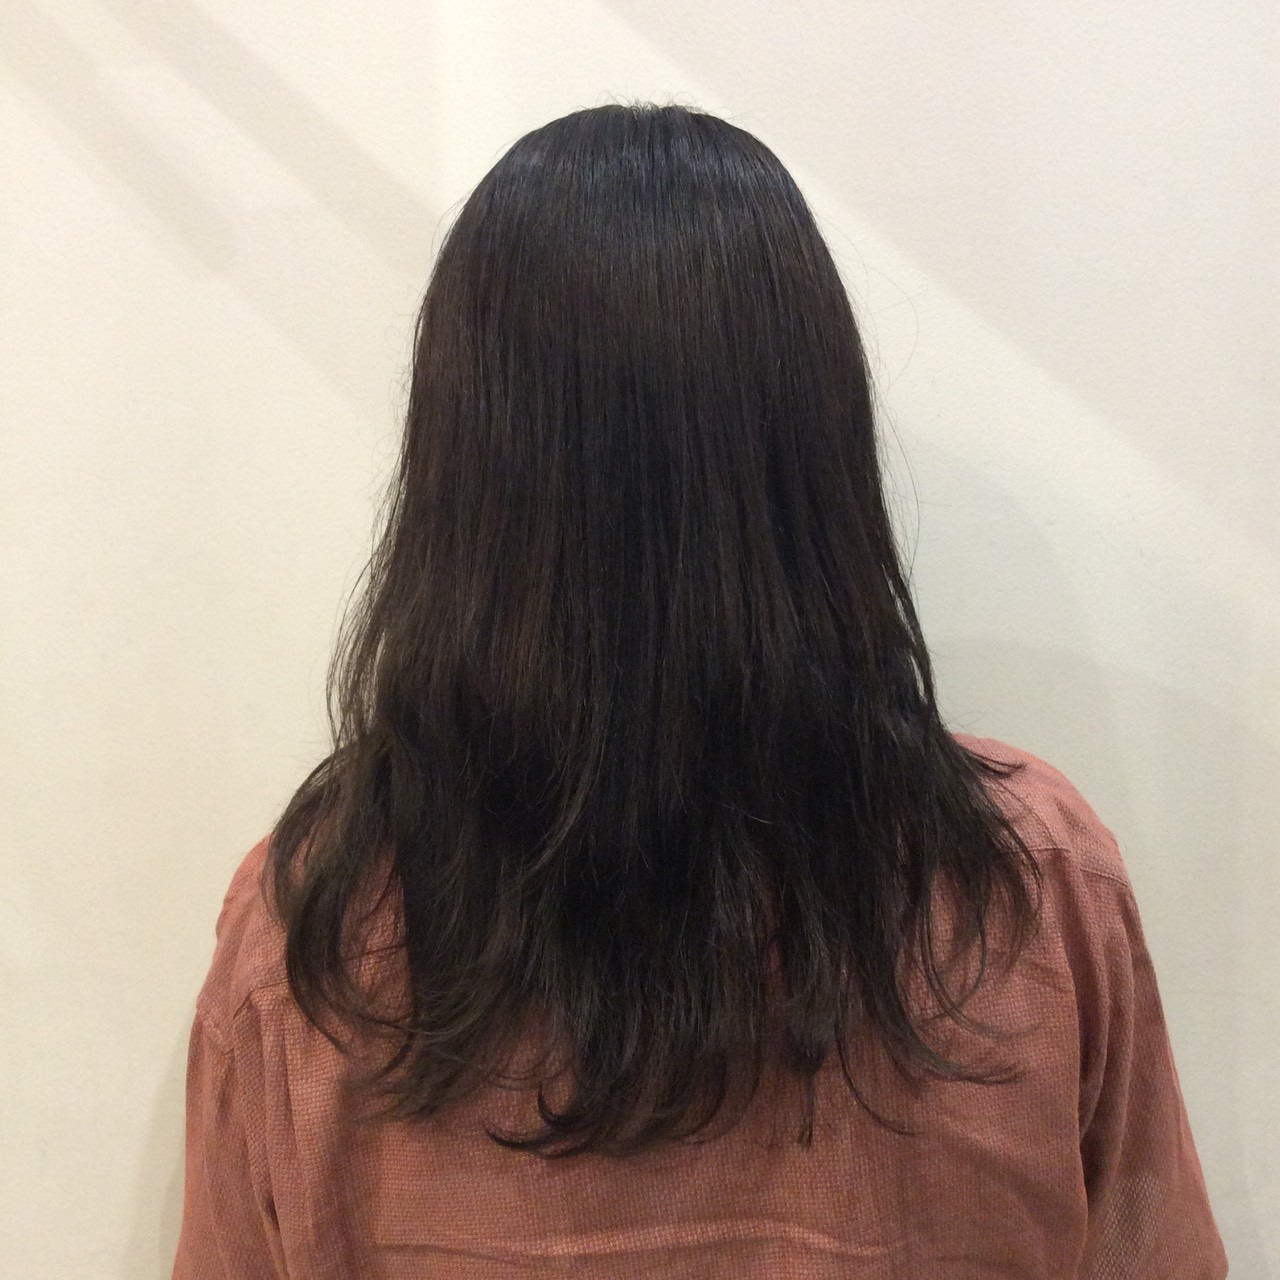 暗髪 大人かわいい ナチュラル 韓国 ヘアスタイルや髪型の写真・画像 | ナカムラ ミノリ / 株式会社 Luxe(ラグゼ)